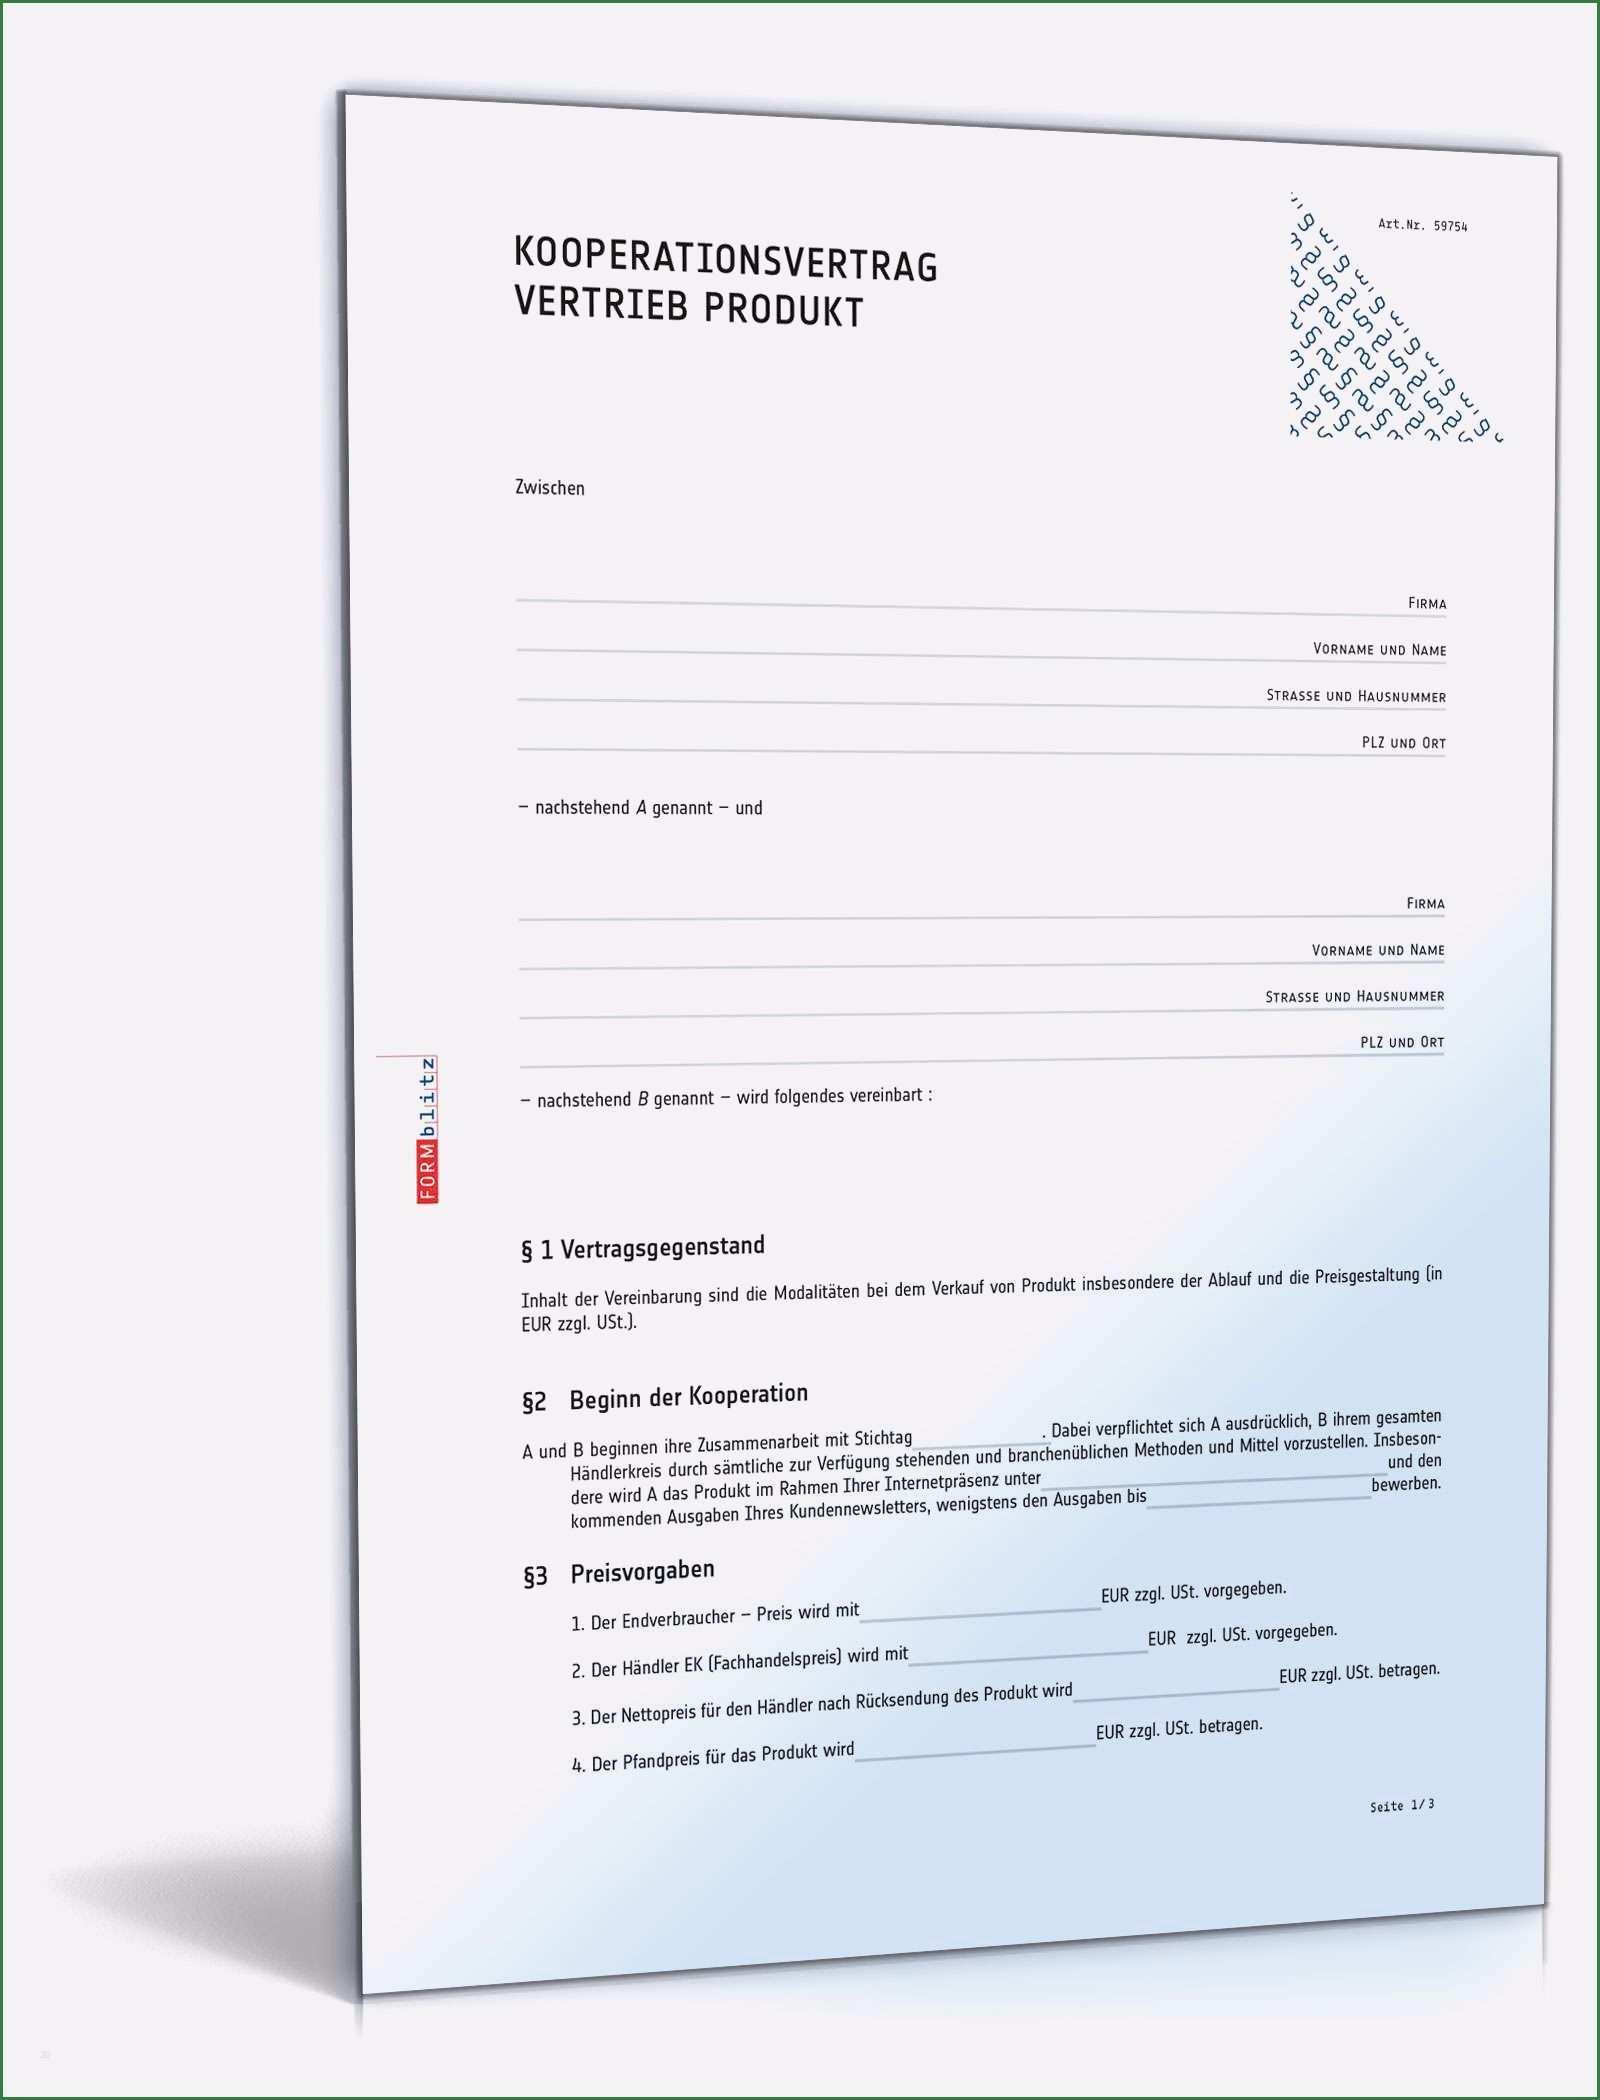 19 Fein Vorlage Kooperationsvertrag Fur 2020 Vorlagen Lebenslauf Lebenslauf Vorlagen Word